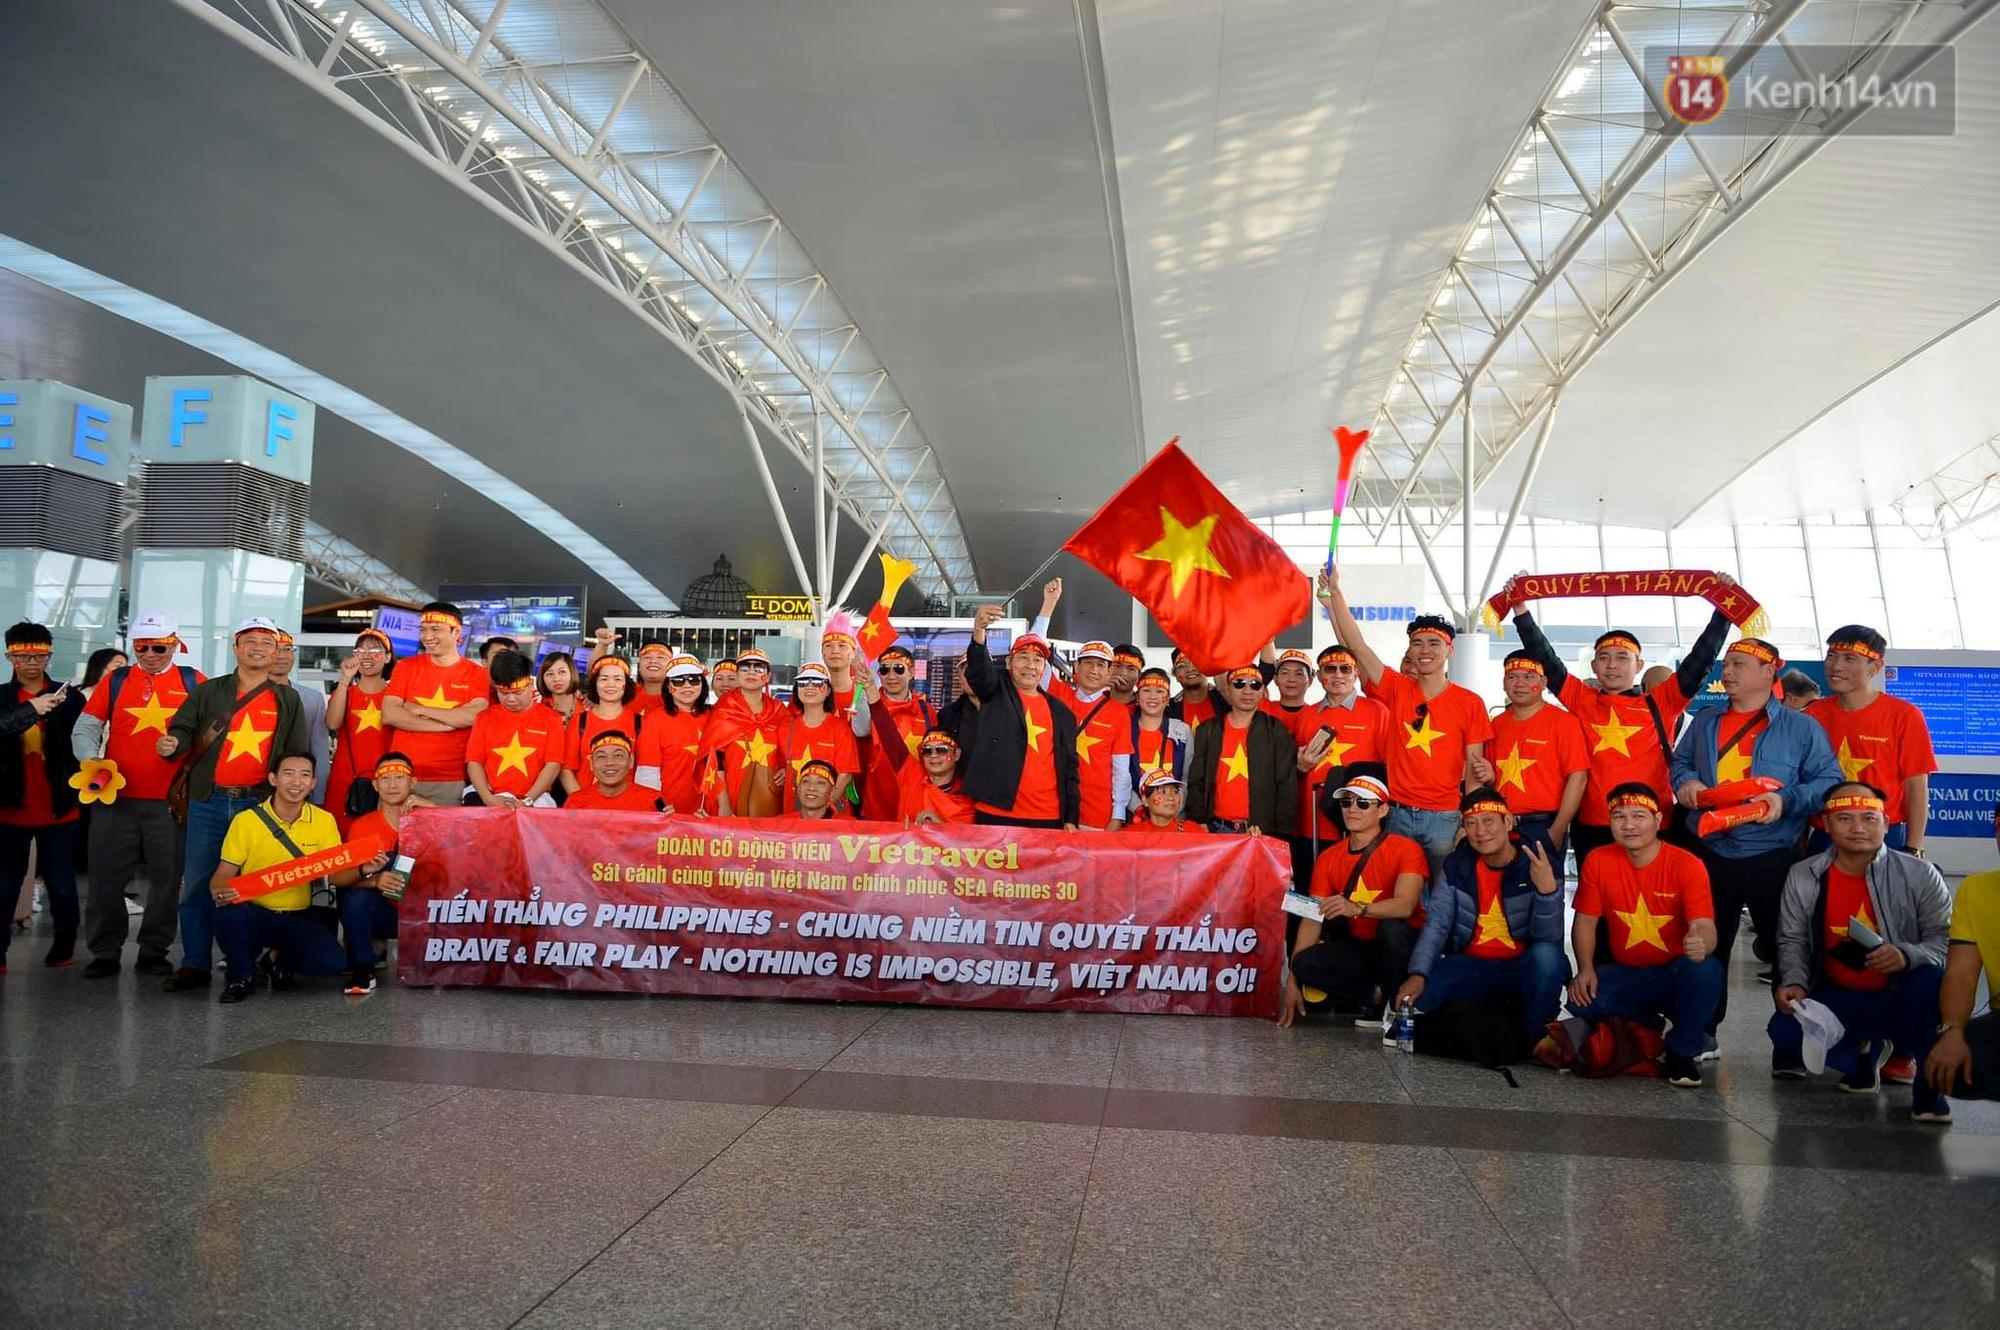 Hàng trăm VĐV hào hứng chuẩn bị lên đường sang Philippines